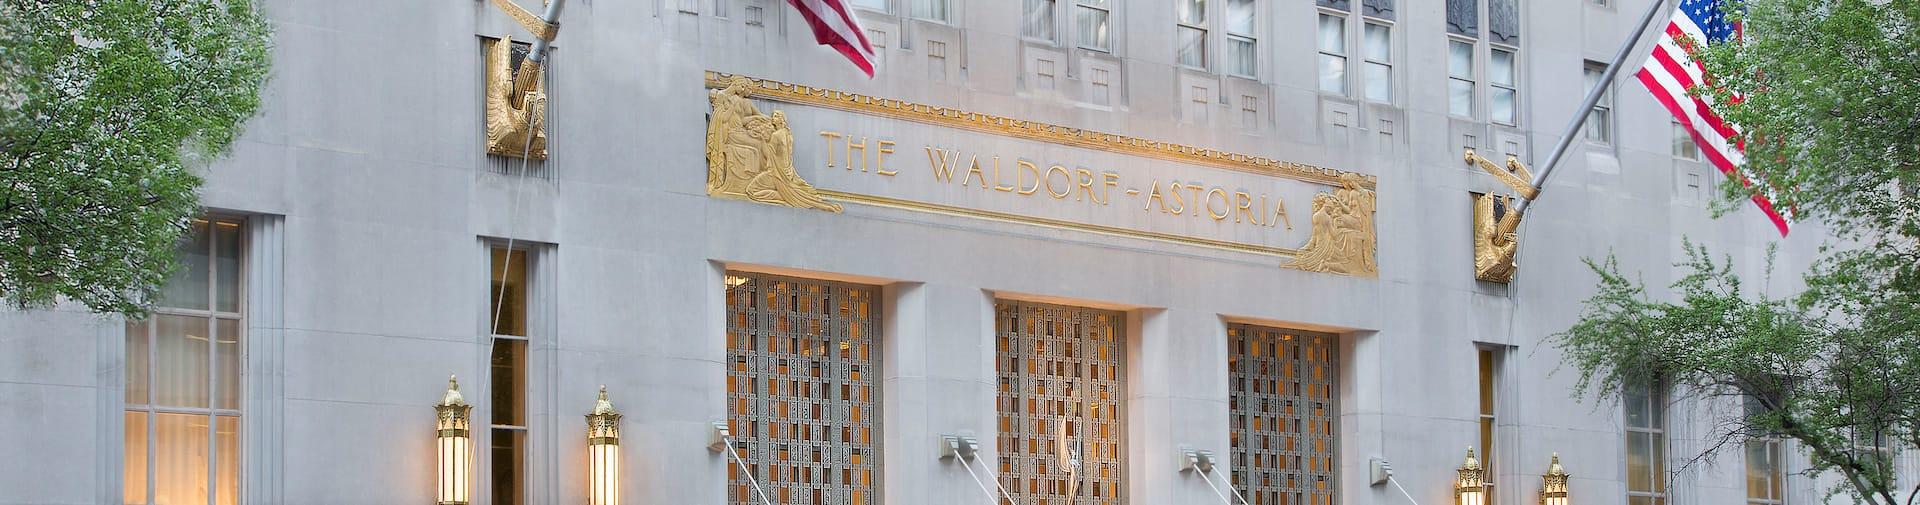 Park Avenue Entrance